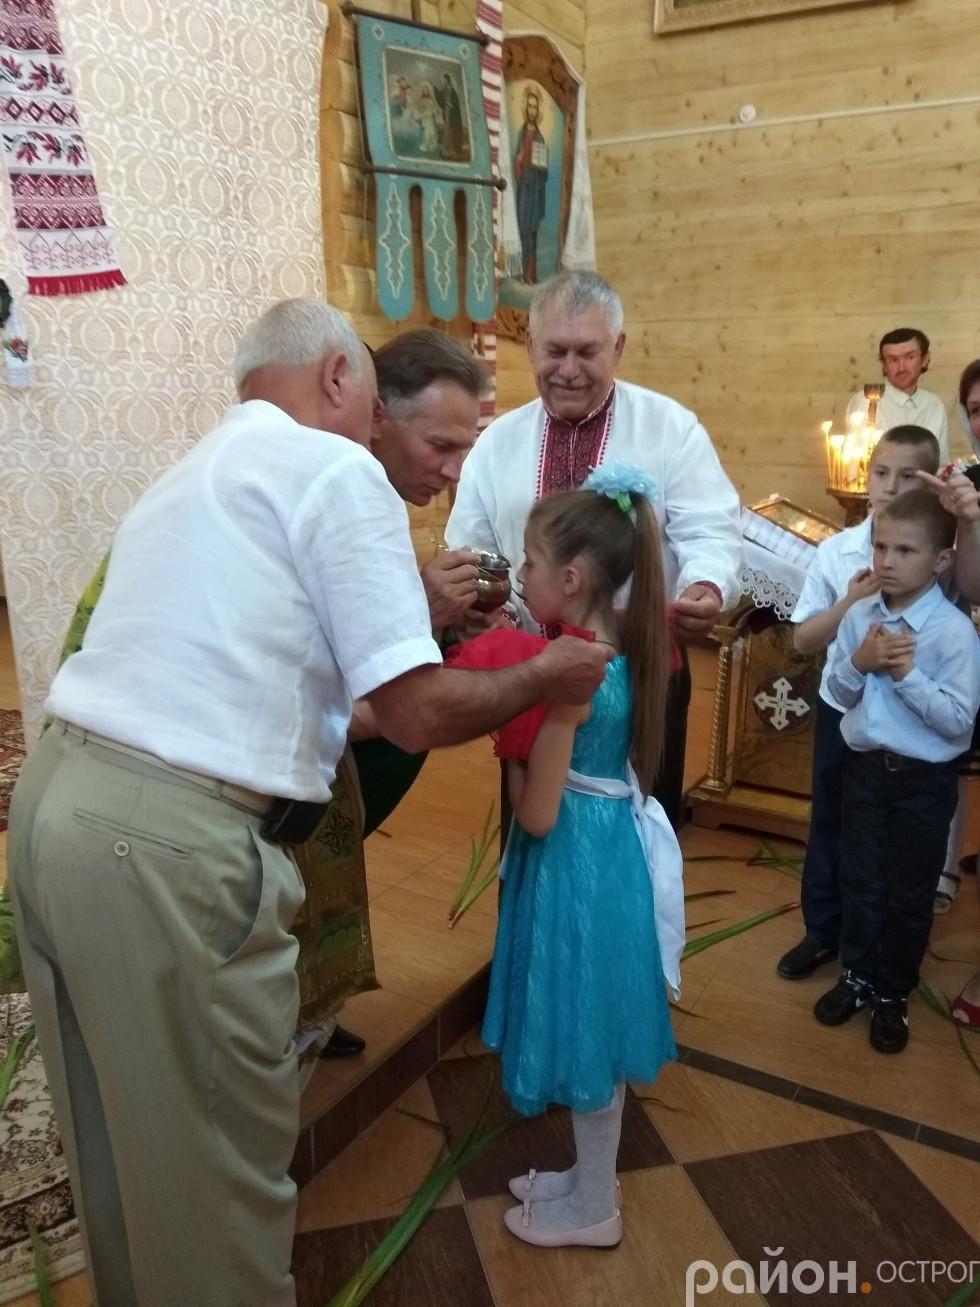 Під час служби в Свято-Миколаївському соборі Острога